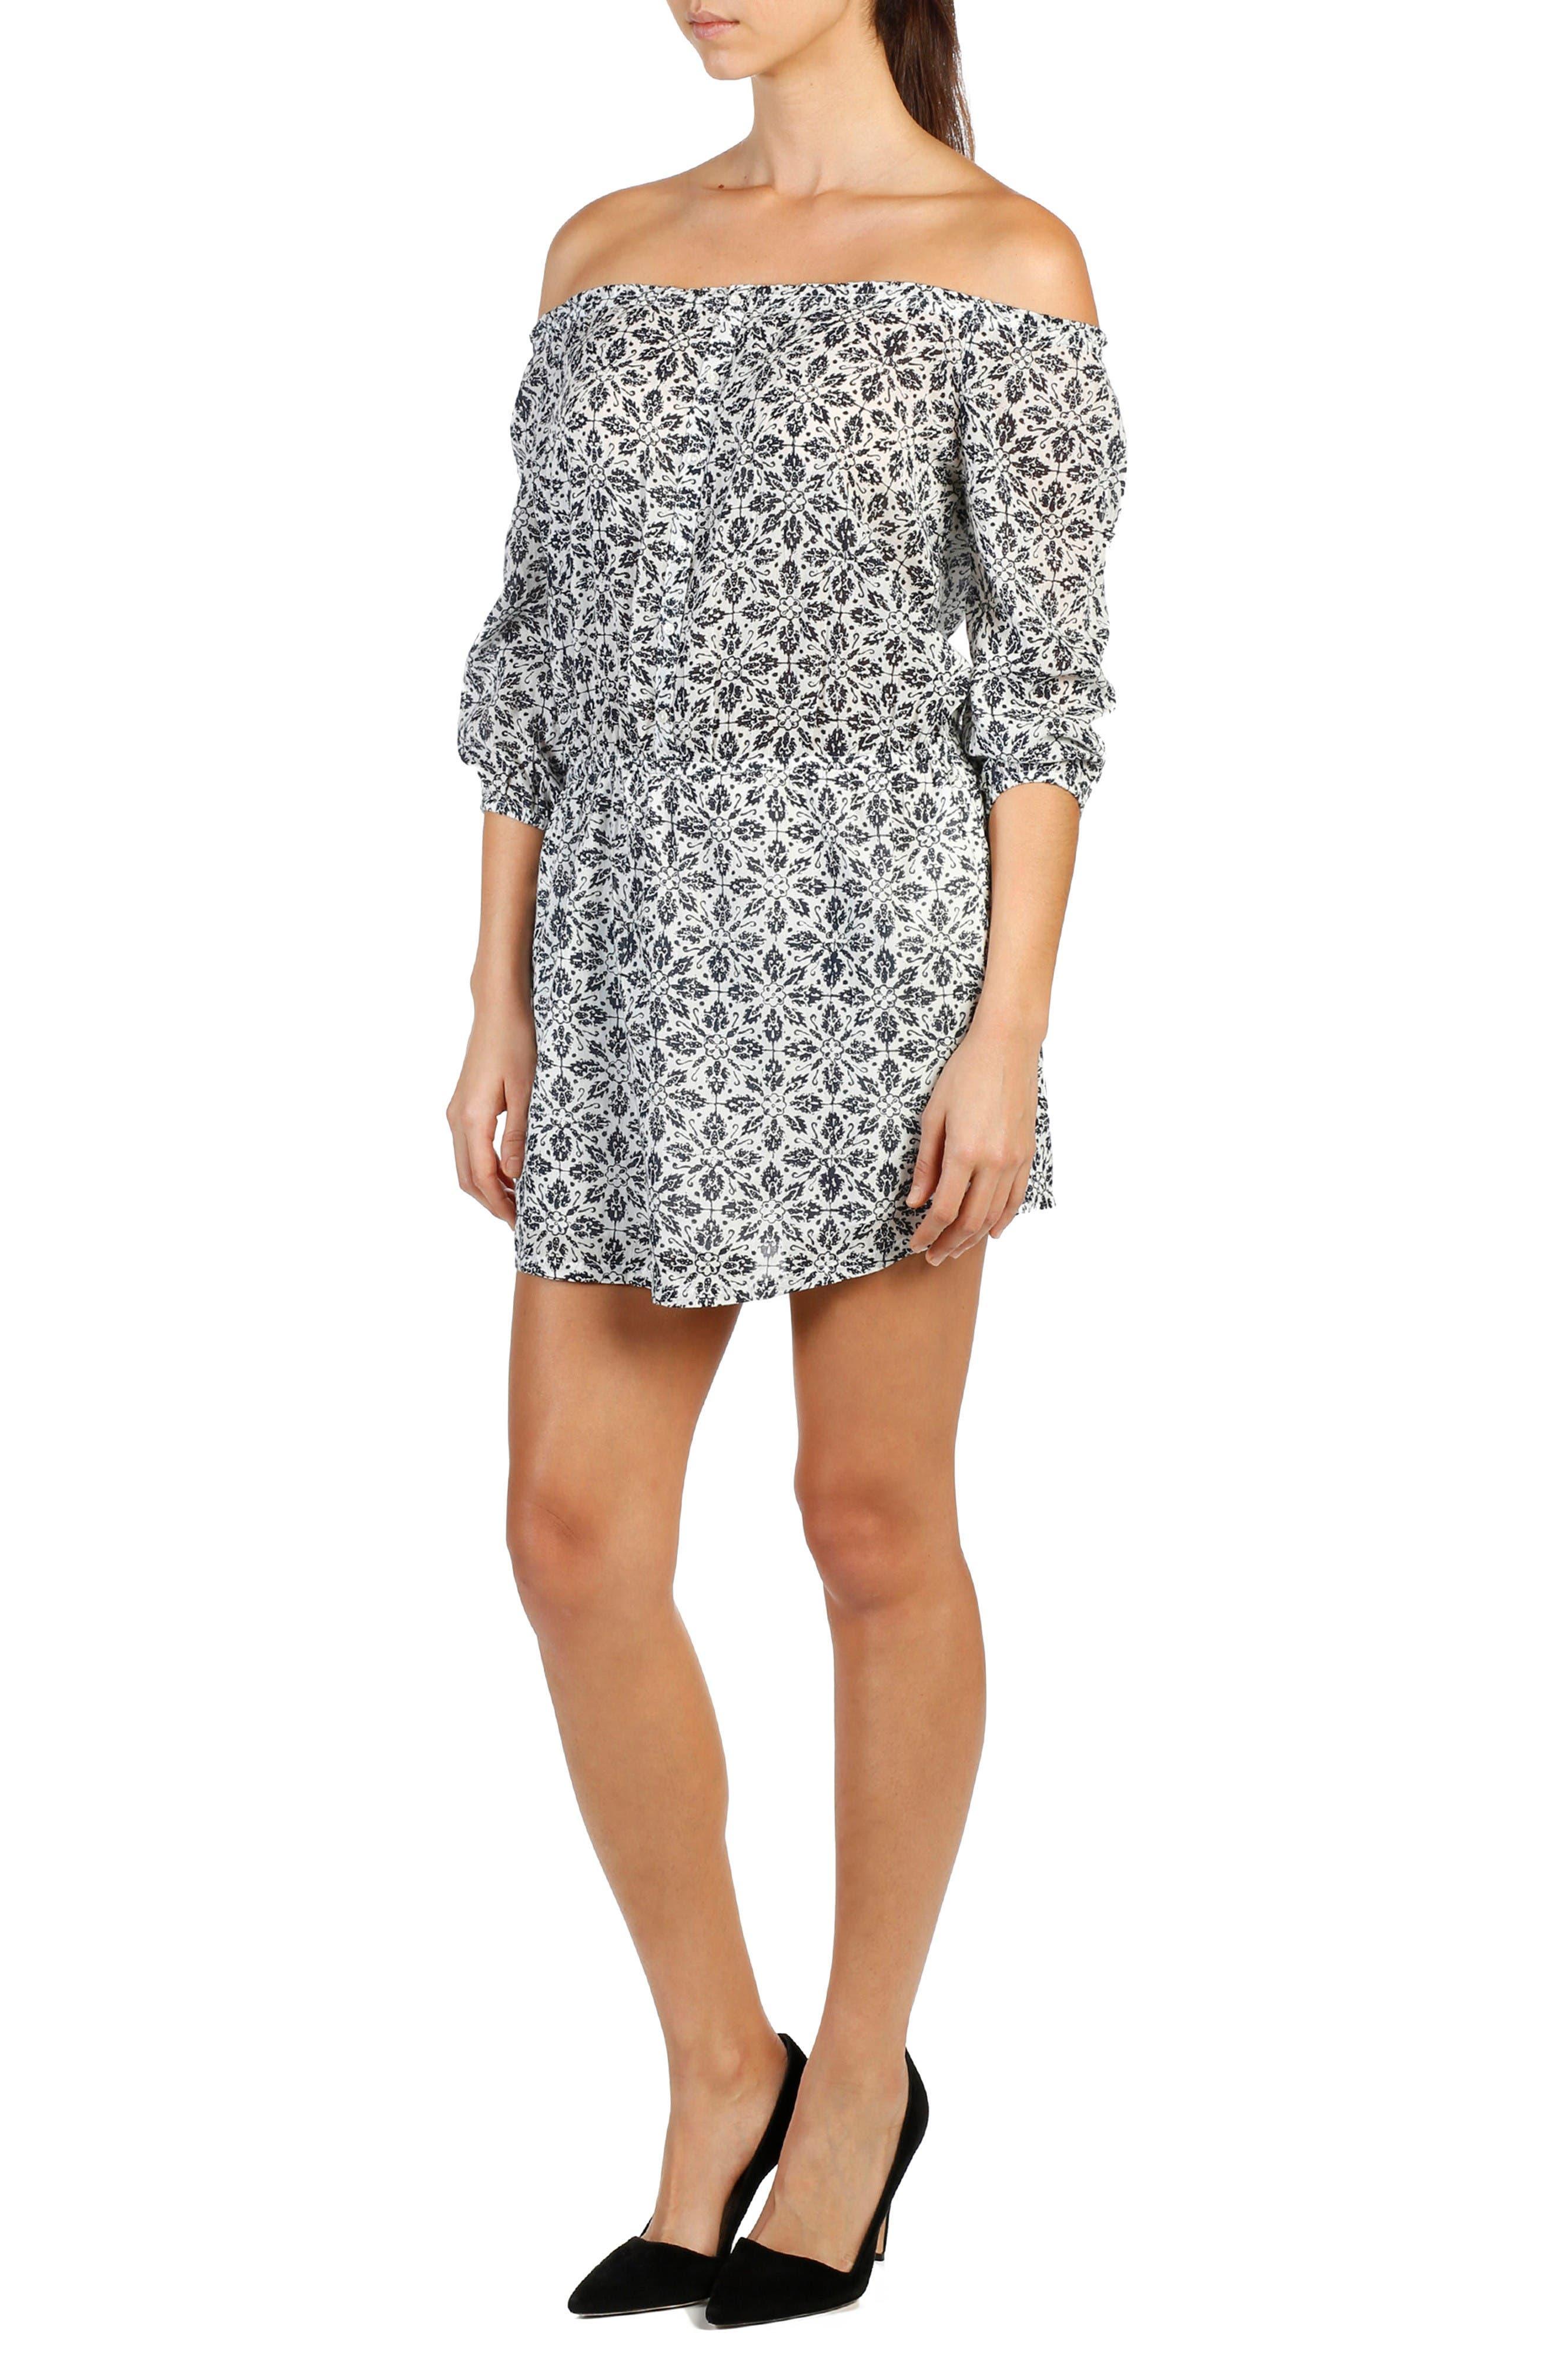 PAIGE Clover Cotton Off the Shoulder Dress